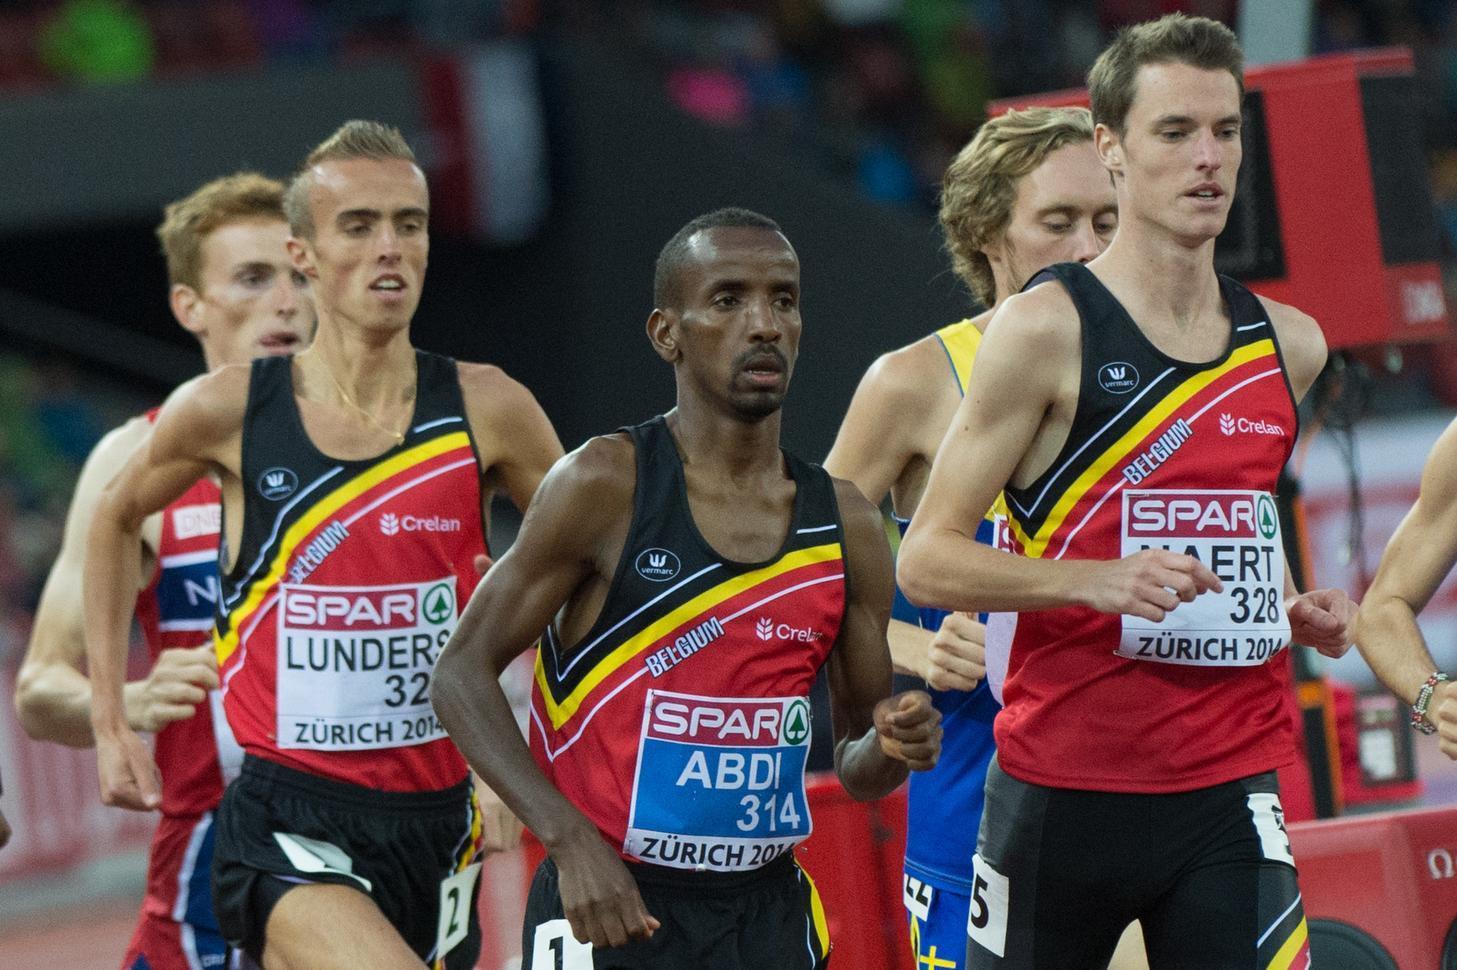 Naert en Abdi kennen elkaar al lang. In 2014 namen ze beiden deel aan de 10.000 meter op het EK in Zürich. Abdi werd vijfde, Naert elfde. (foto Belga)